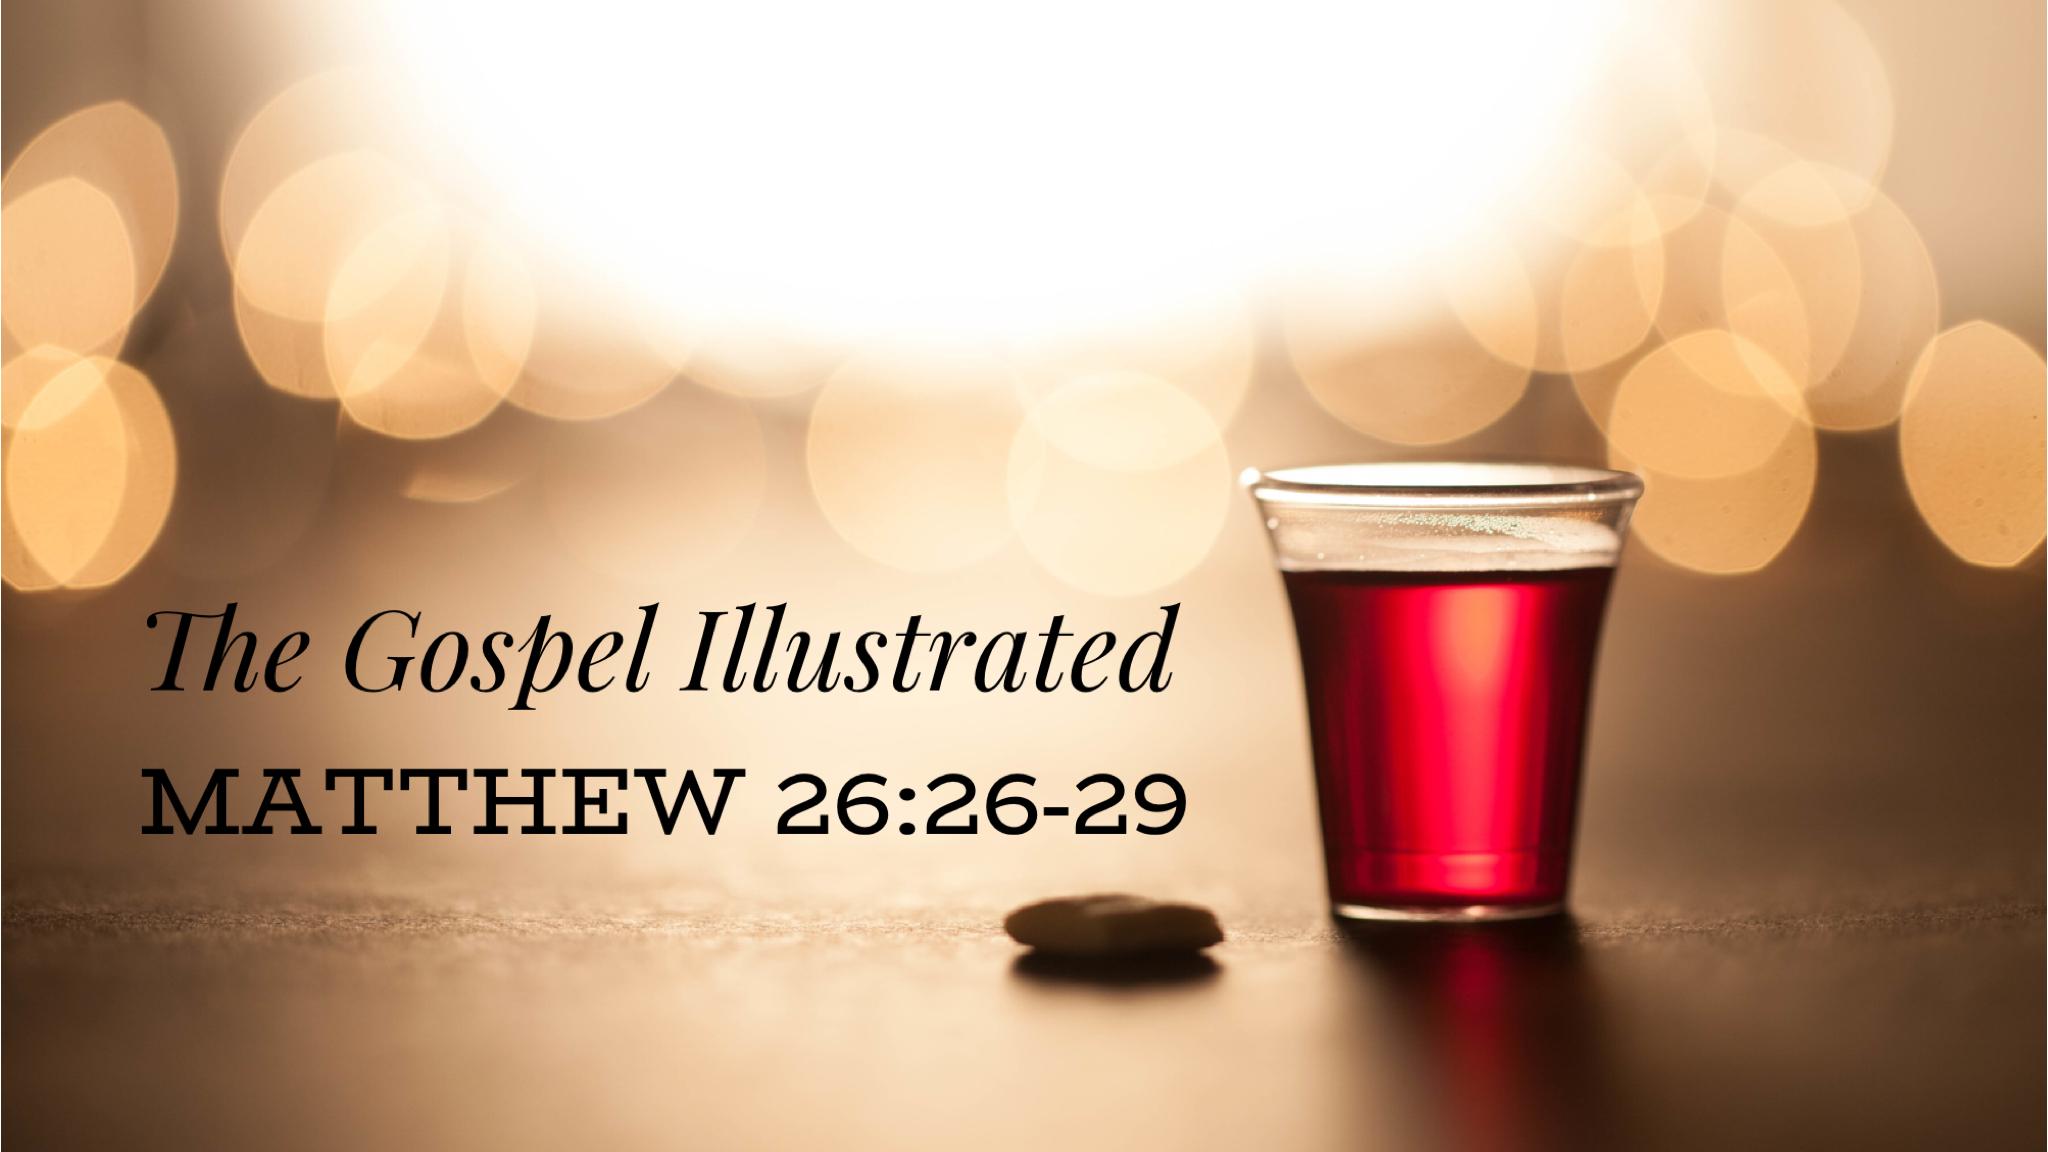 The Gospel Illustrated (Matt. 26:26-29) - July 1, 2018